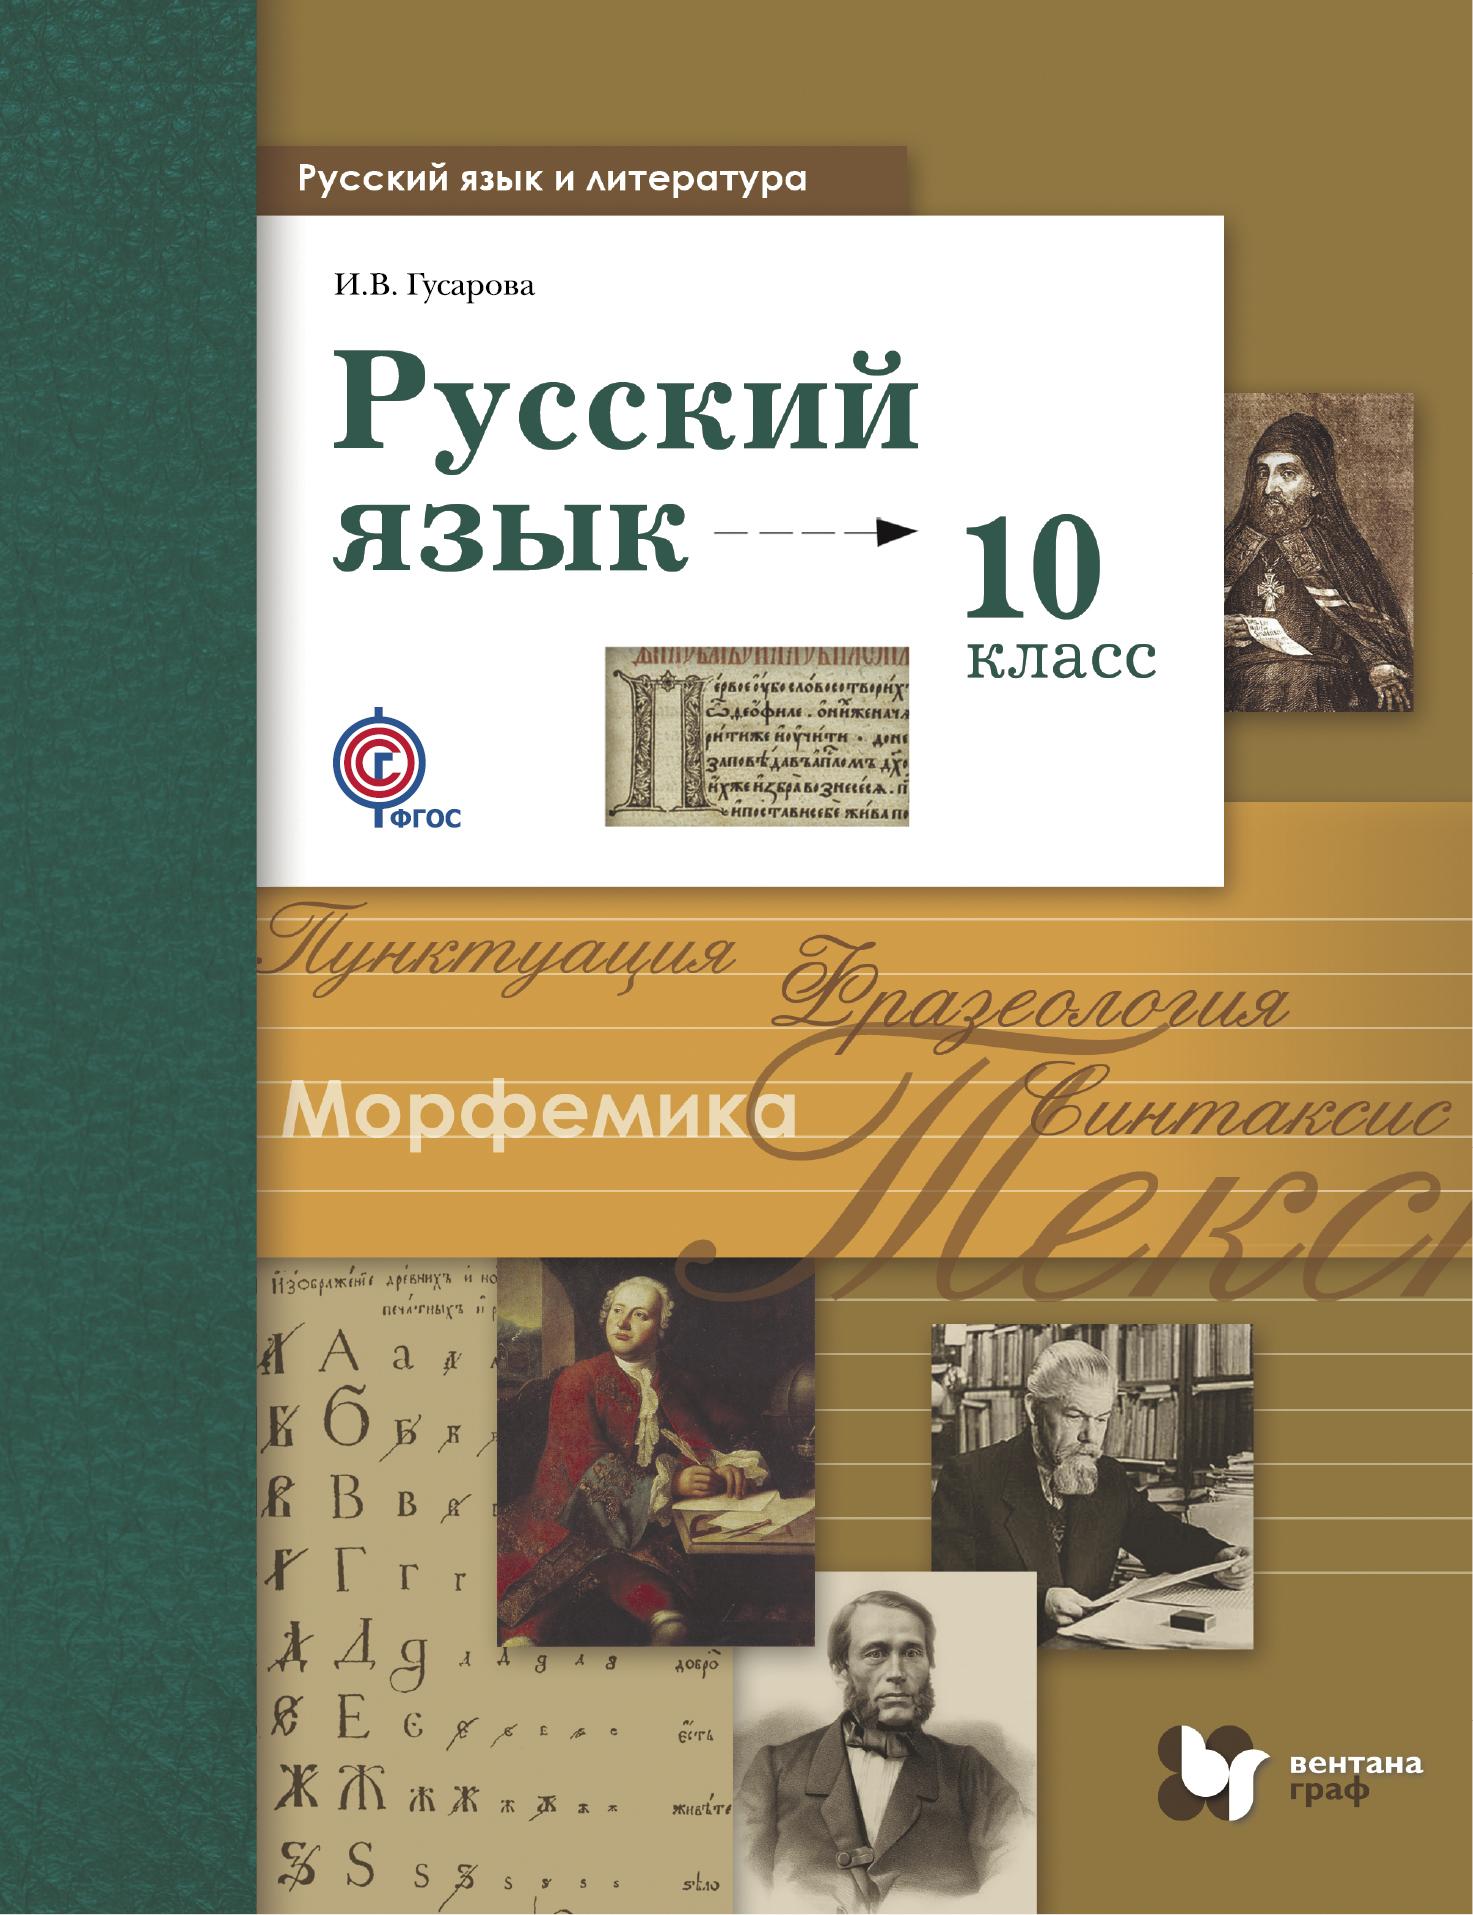 Русский язык и литература. Русский язык. 10класс. Базовый и углублённый уровни. Учебник